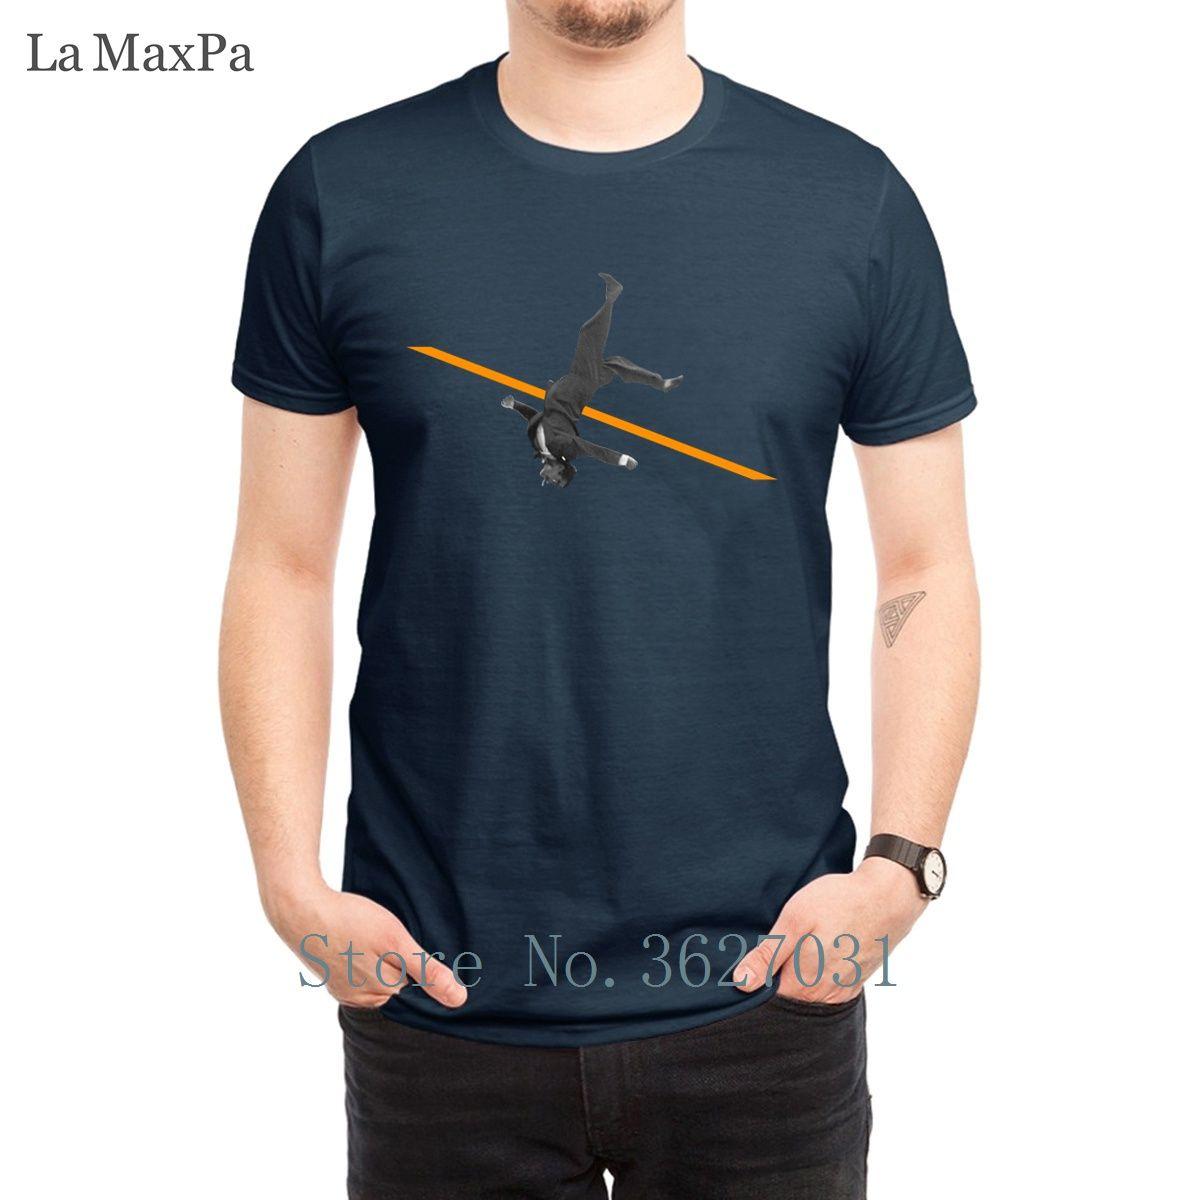 Charakter Standard-T-Shirts für Männer Hochsprung Männer-T-Shirt Familie 2018 Männer-T-Shirt Neueste Short Sleeve Top-Qualität